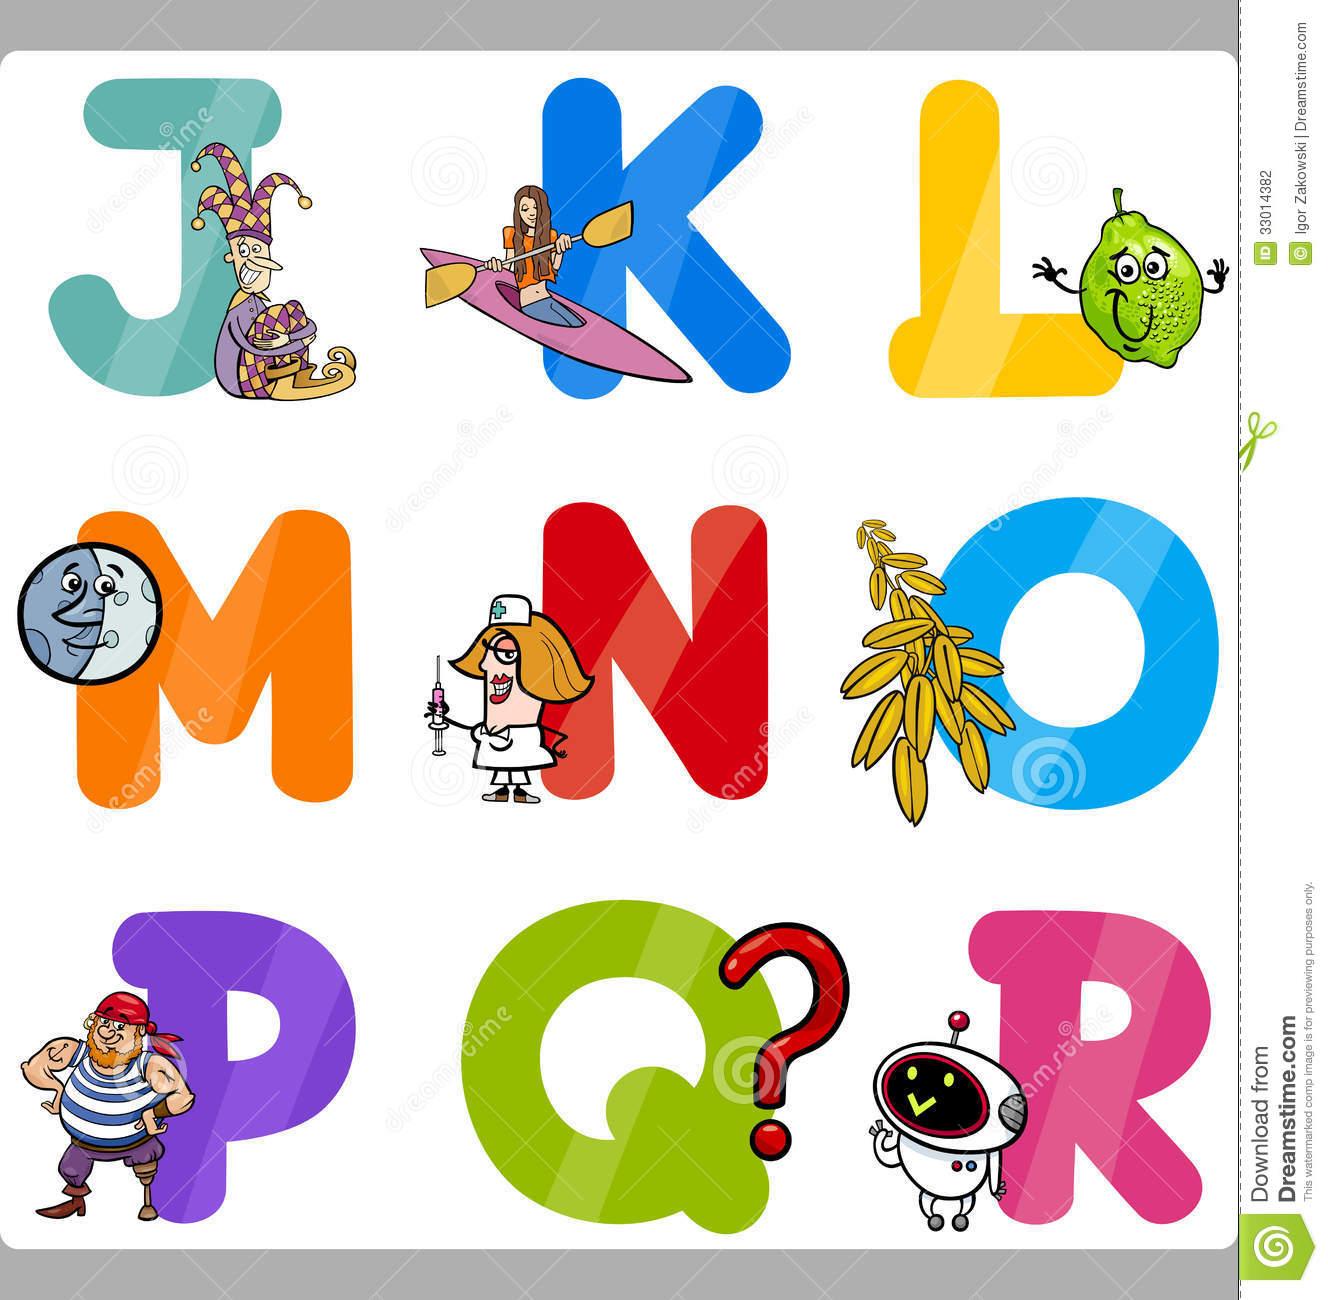 Kids alphabet letters clipart transparent Education Cartoon Alphabet Letters For Kids Stock Photography ... transparent